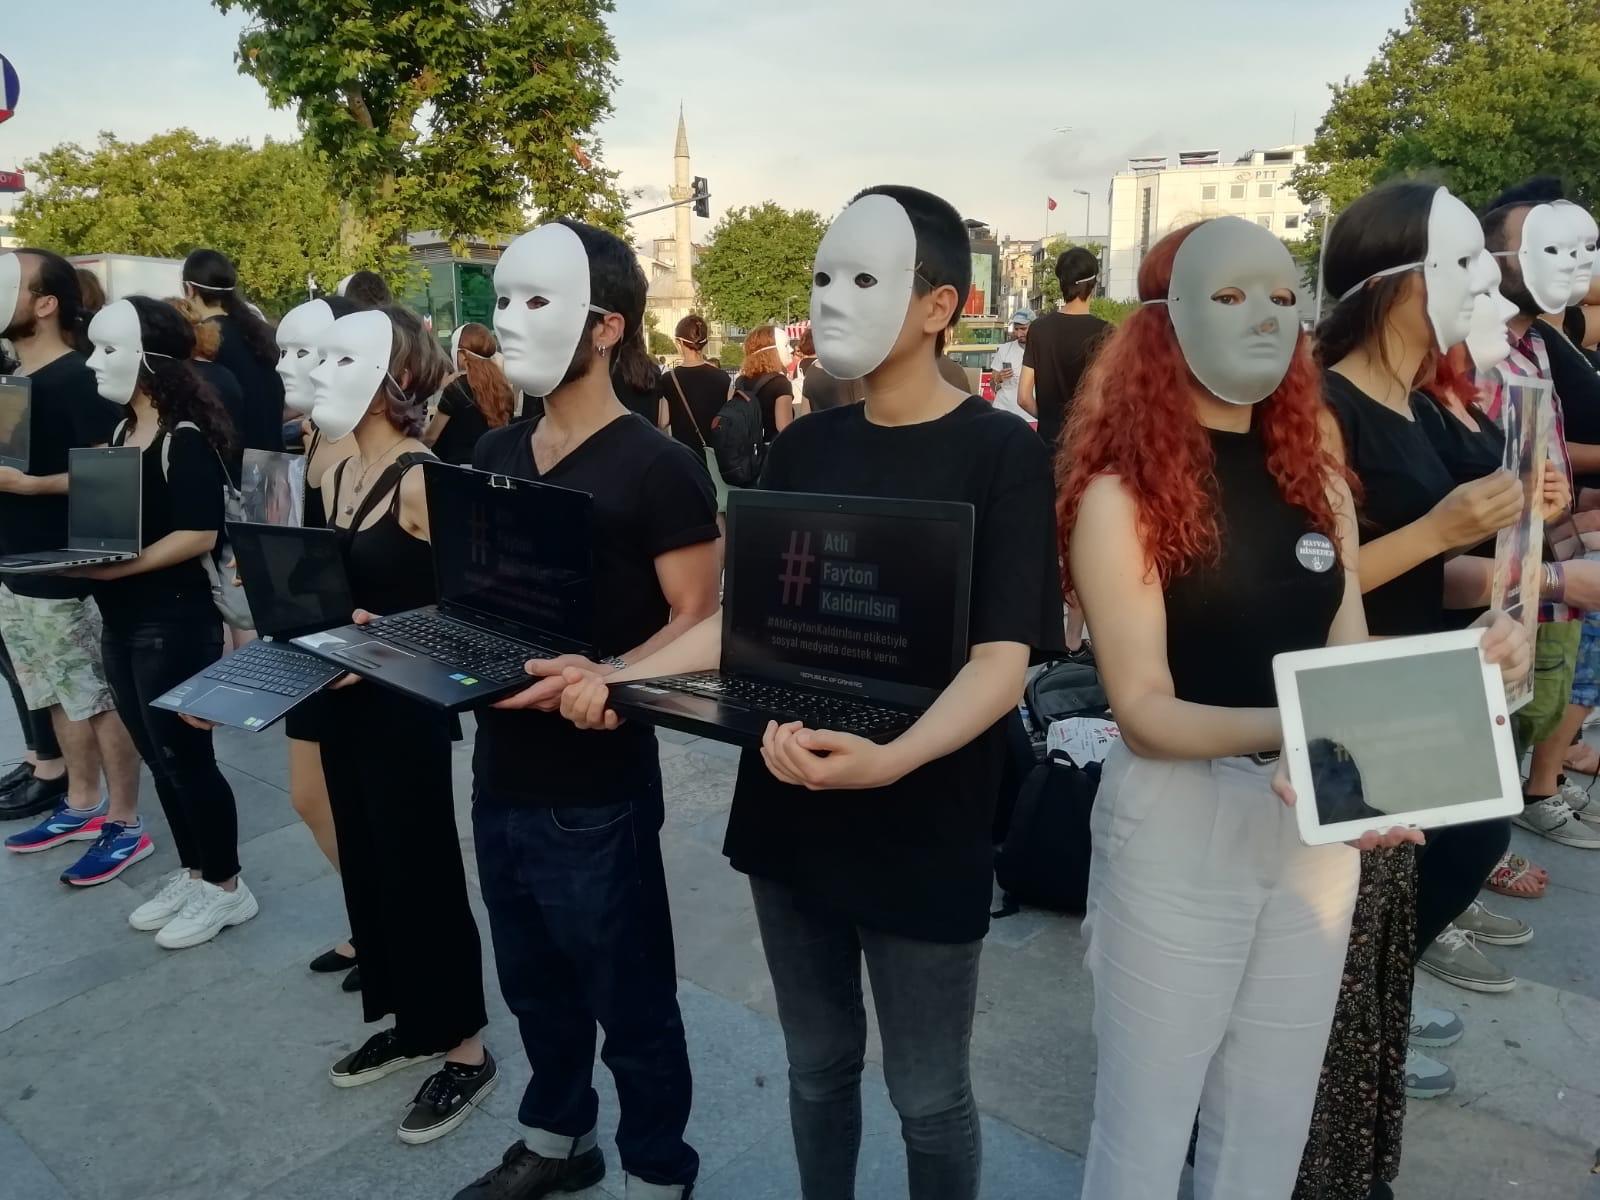 Atlı faytonlara karşı Kadıköy'de gerçeklik küpü eylemi yapıldı | Gaia Dergi